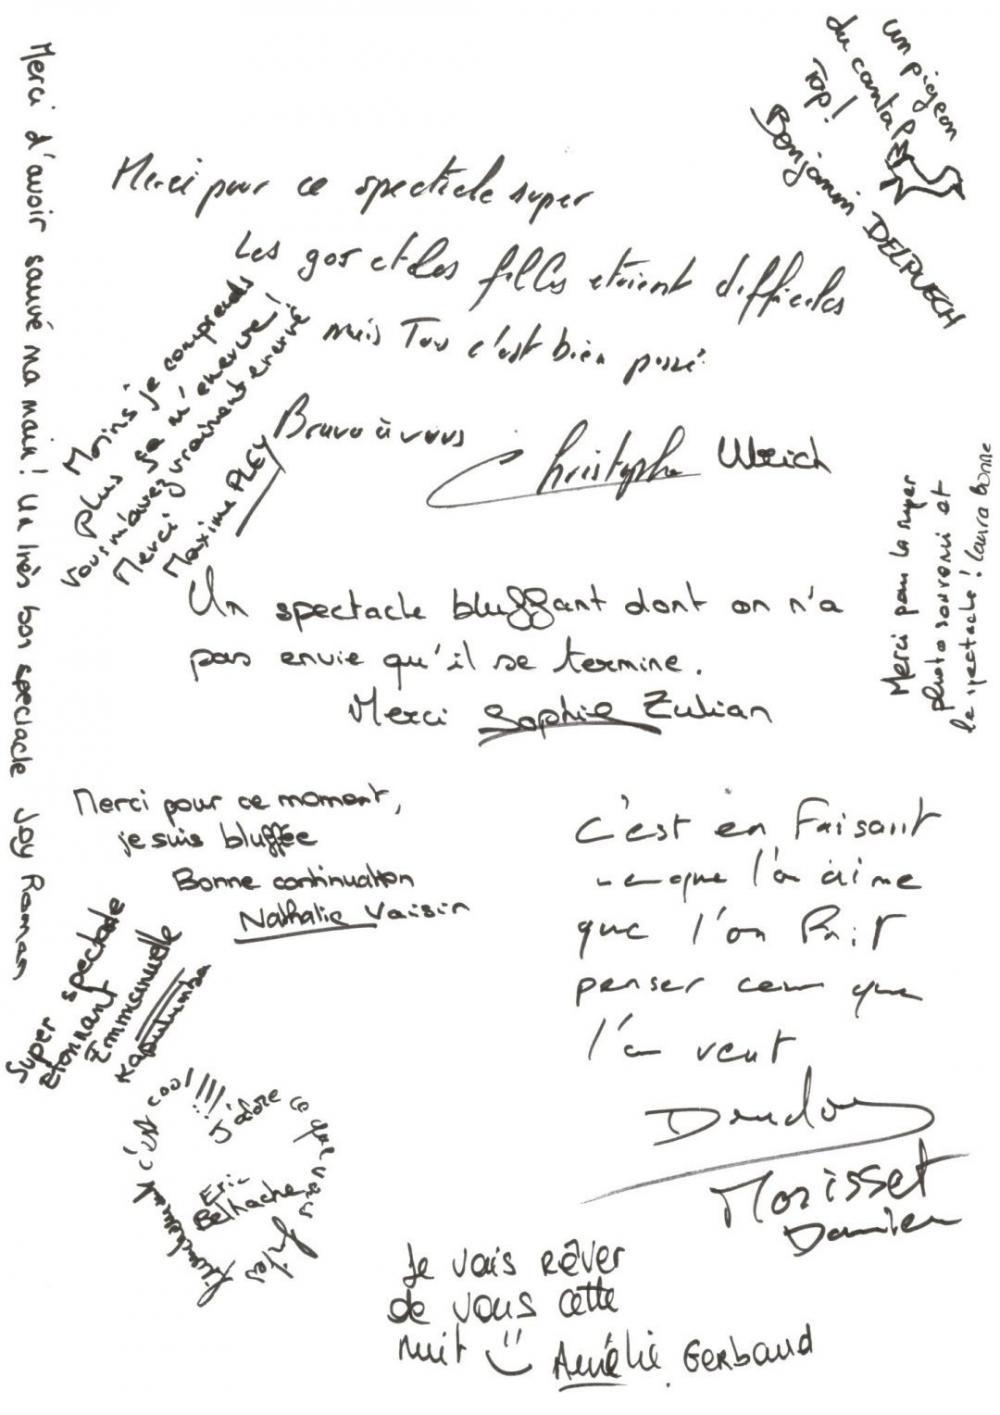 Critique magicien mentaliste soiree Avnir Engeenering sur le Vert Galant de la Marina de Bercy